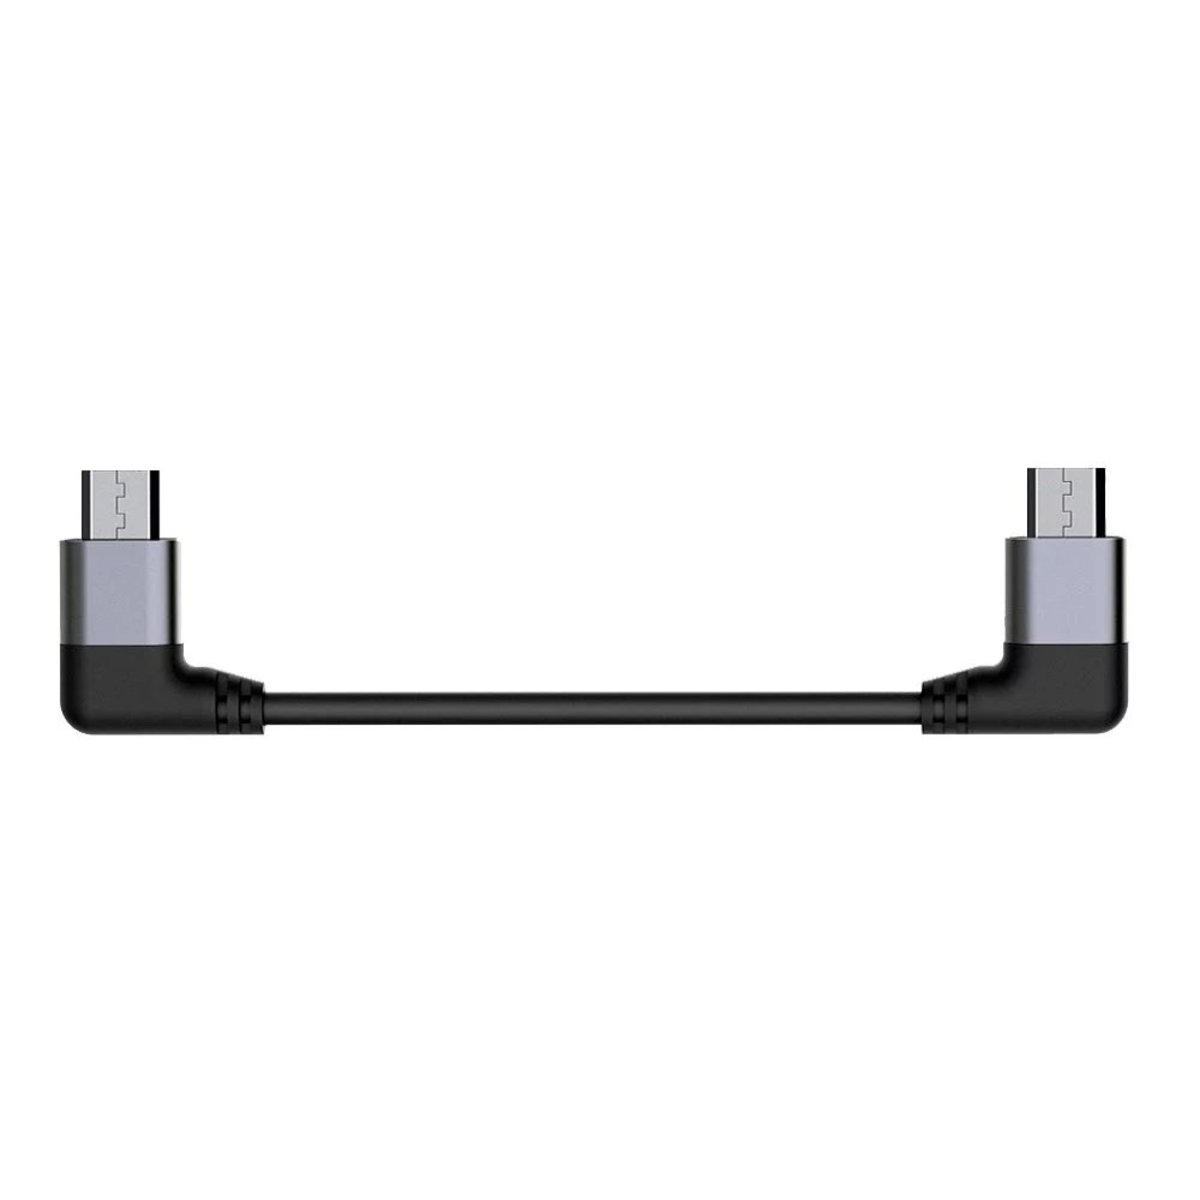 ML06 Micro USB轉Micro USB解碼數據線